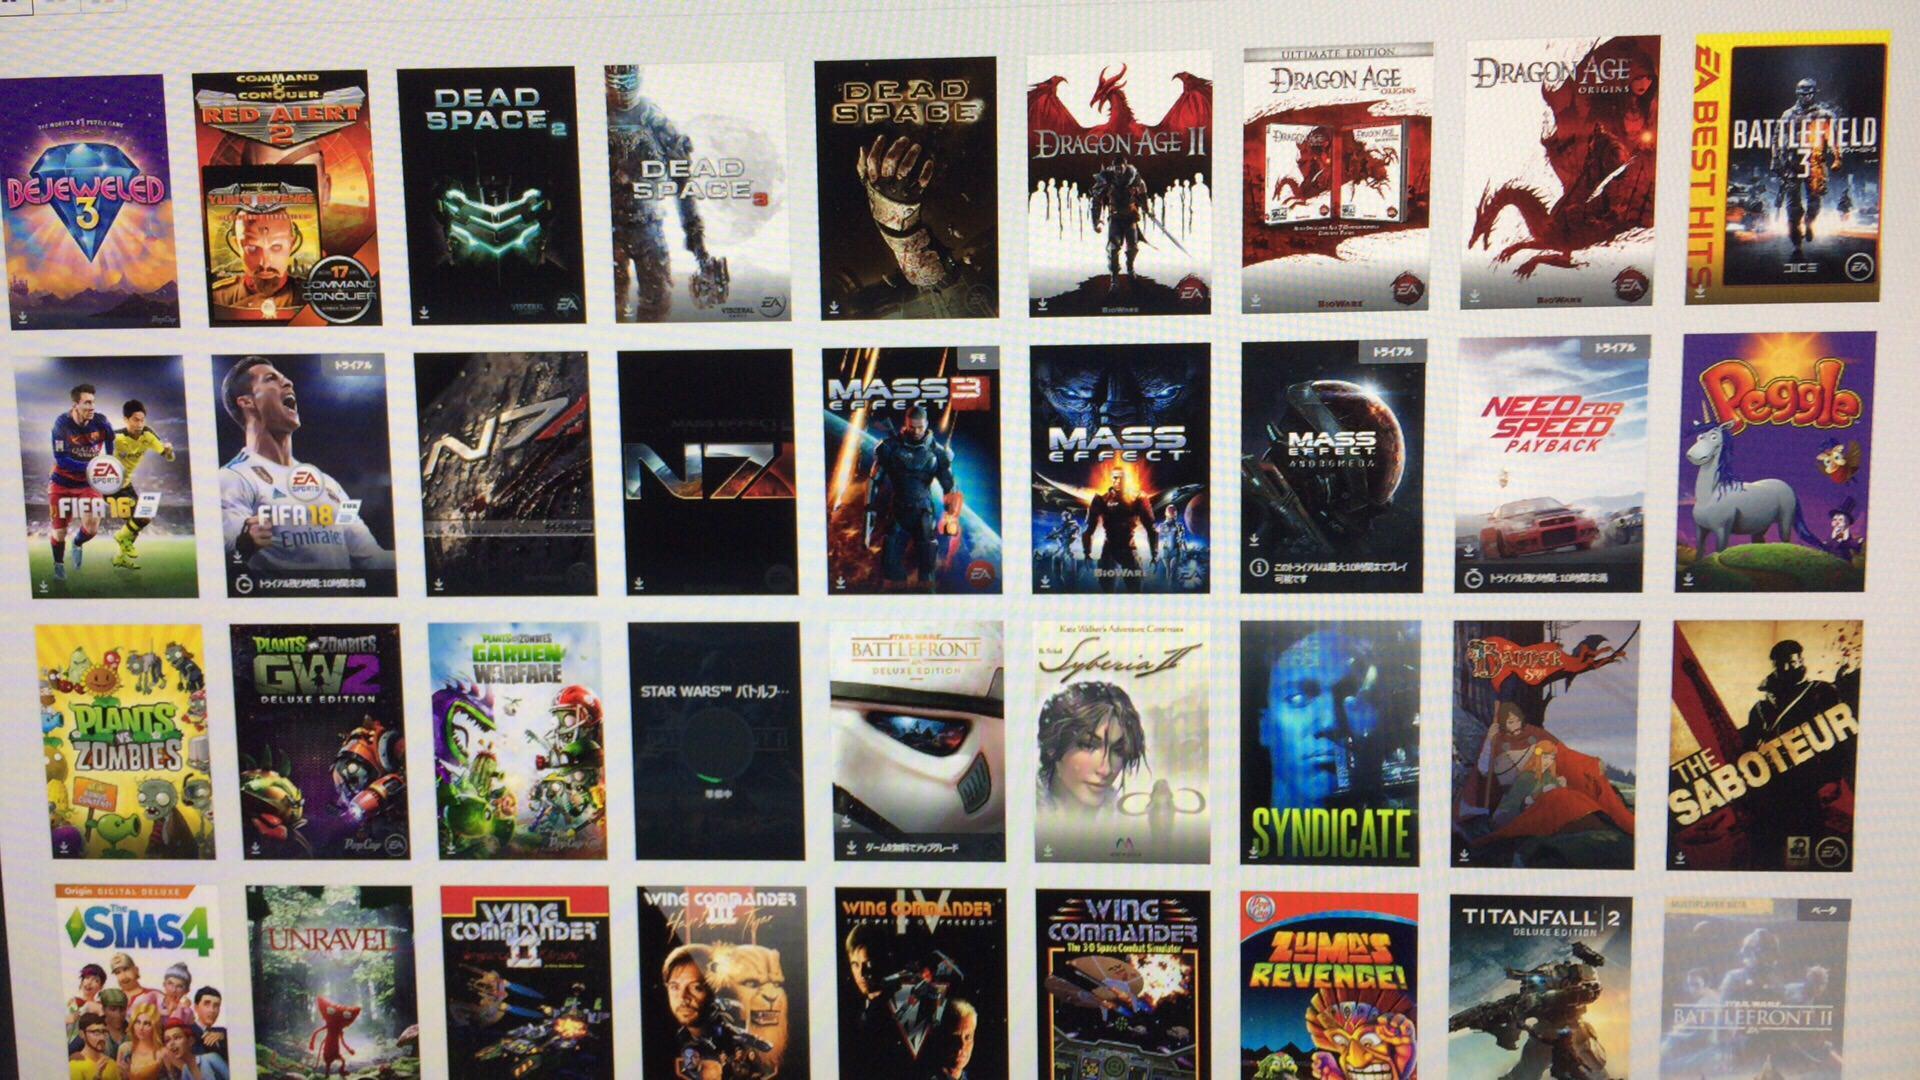 41yxIOI6NDzC2 - デッドスペースのスタジオ閉鎖EA「もうシングルプレイゲームは採算が取れない」